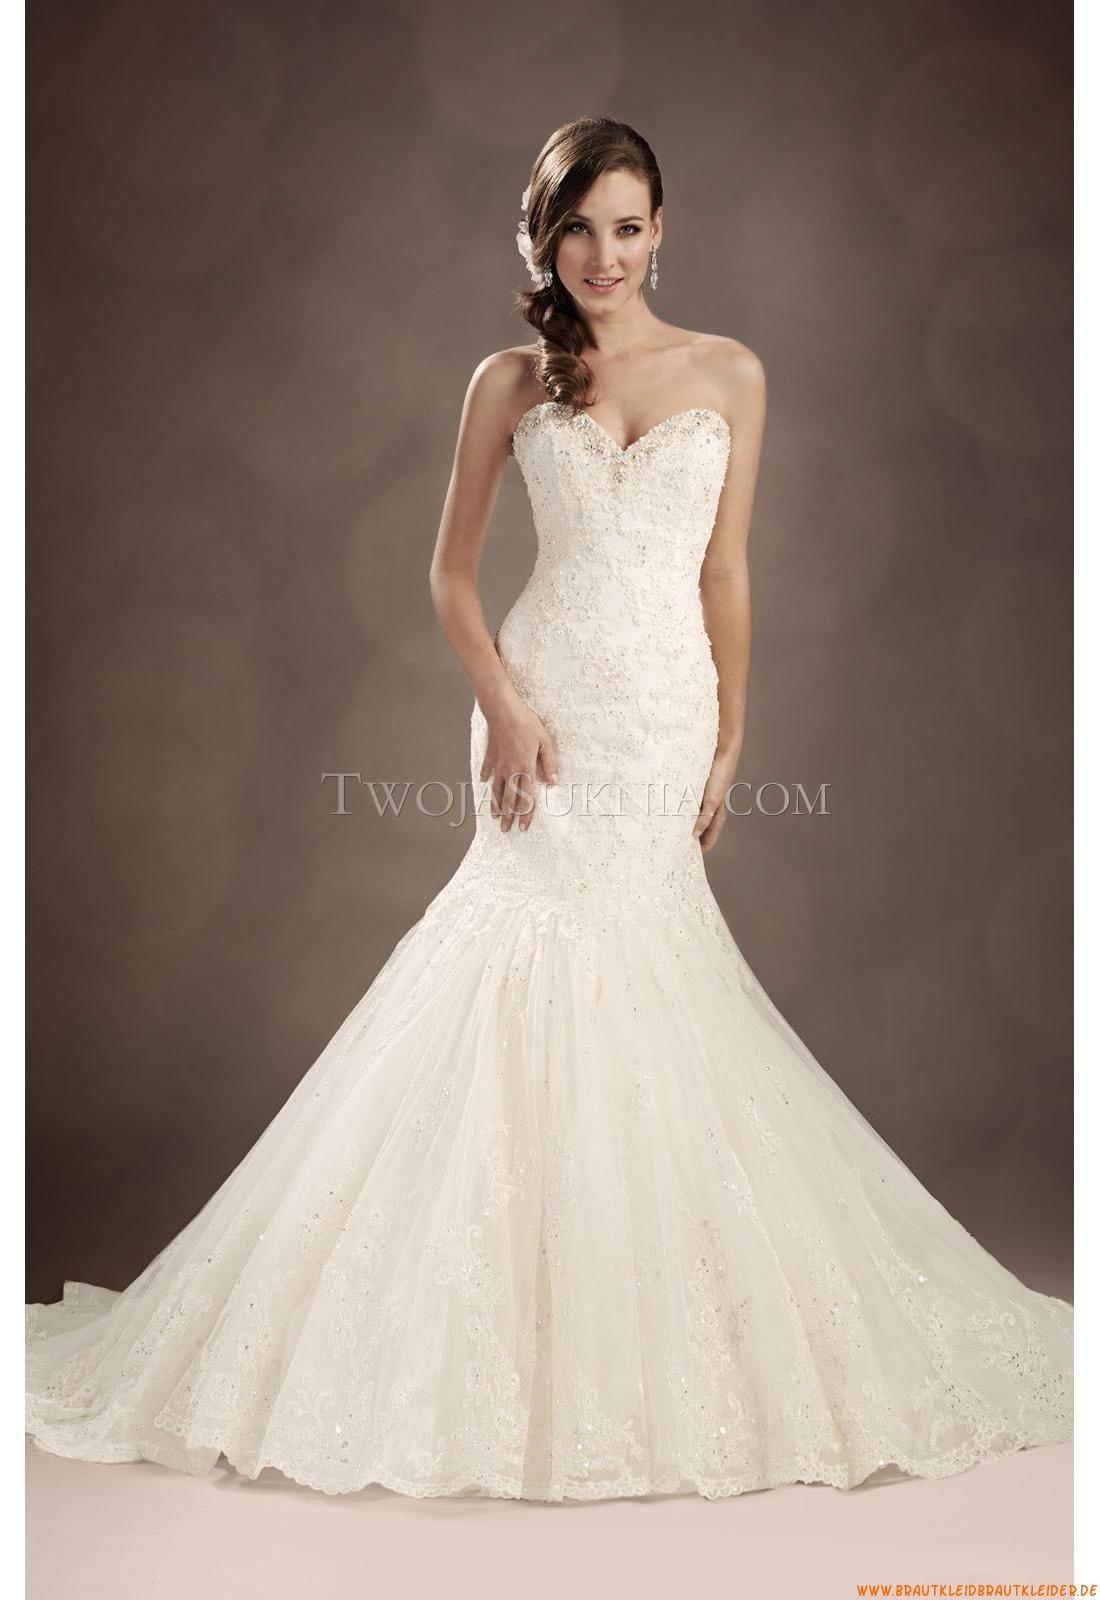 Sexy Hochzeitskleid  y & Modern Designer Brautkleider Wedding